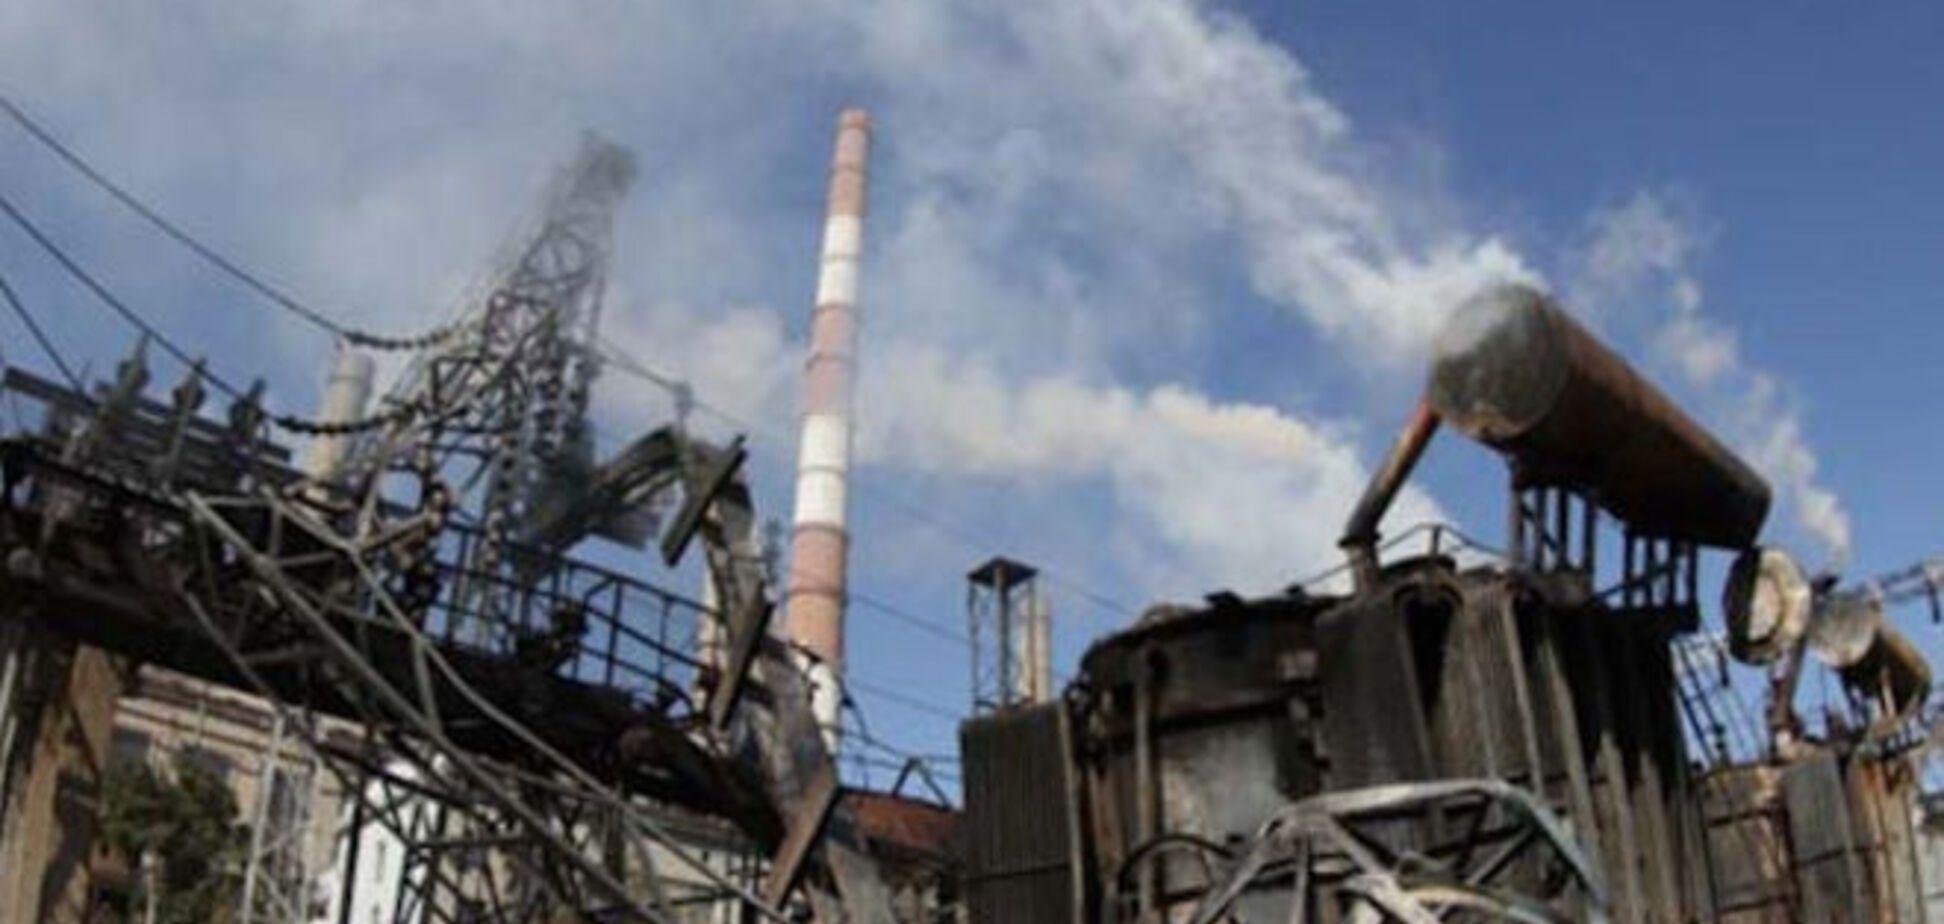 5 экологических бомб Донбасса, которые могут сдетонировать во время войны